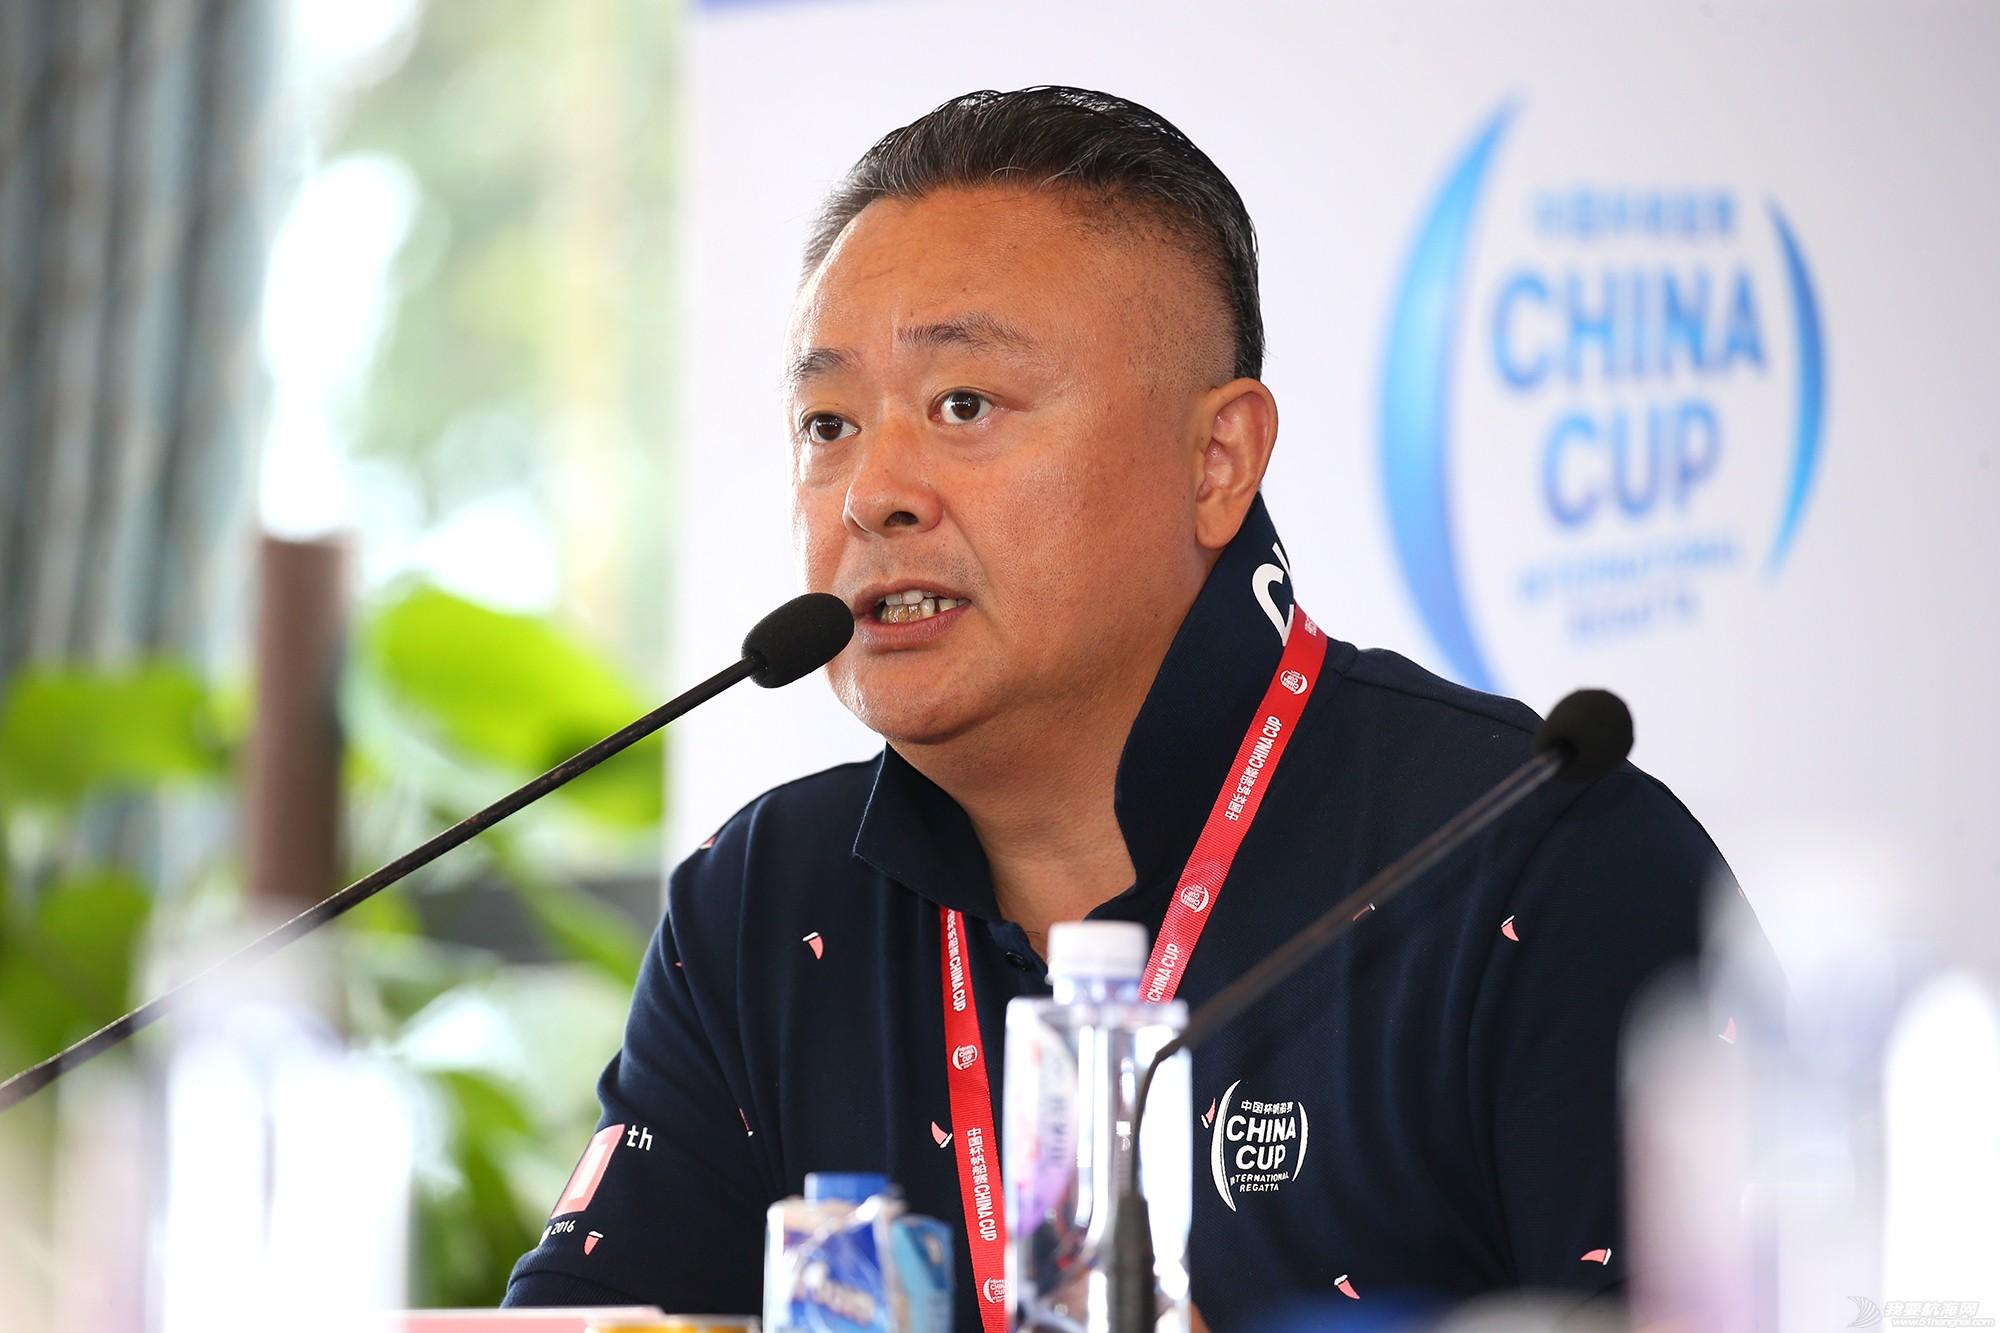 新闻发布会,中国 中国杯帆船赛新闻发布会现场,钟勇、苏科接受我要航海网采访 E78W2937.JPG